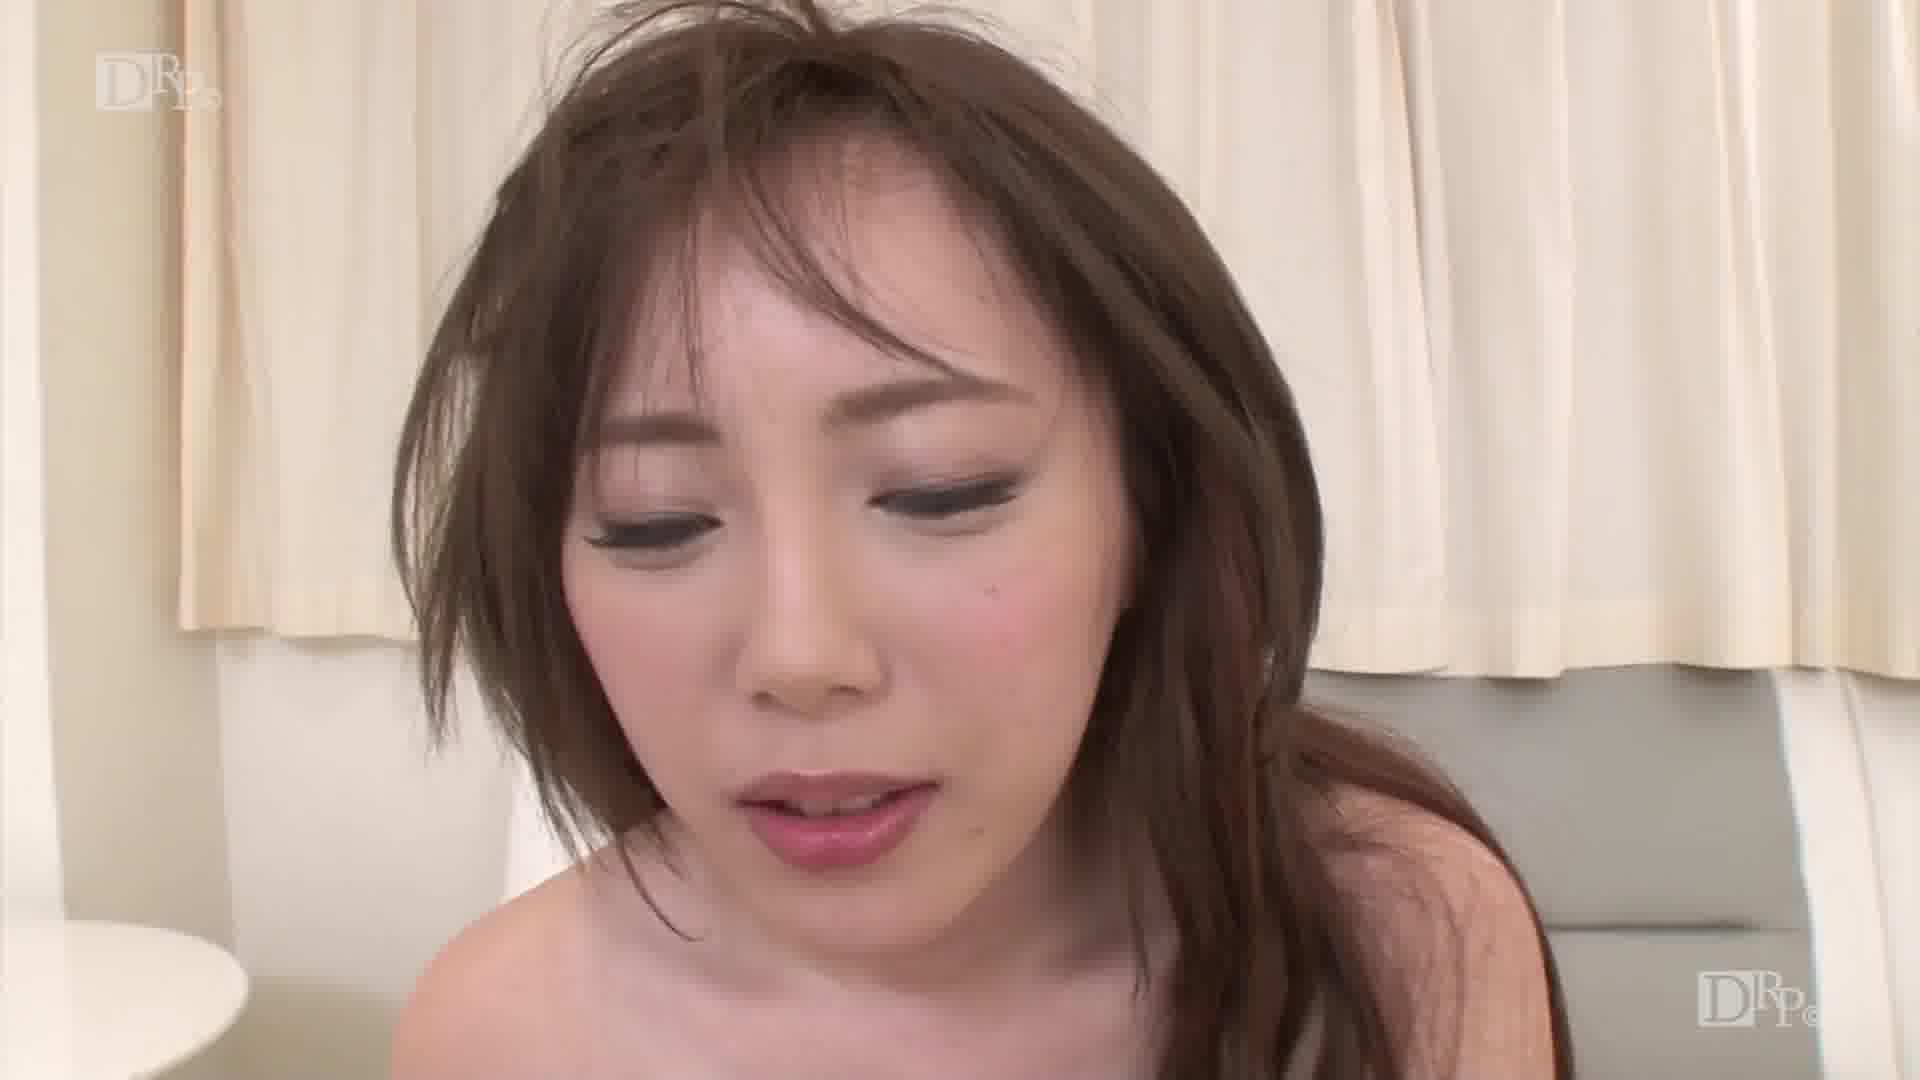 THE 未公開 ~手コキ、立ち69、美女たちの抜きテクニック~ - 宮村恋【痴女・巨乳・隠語】